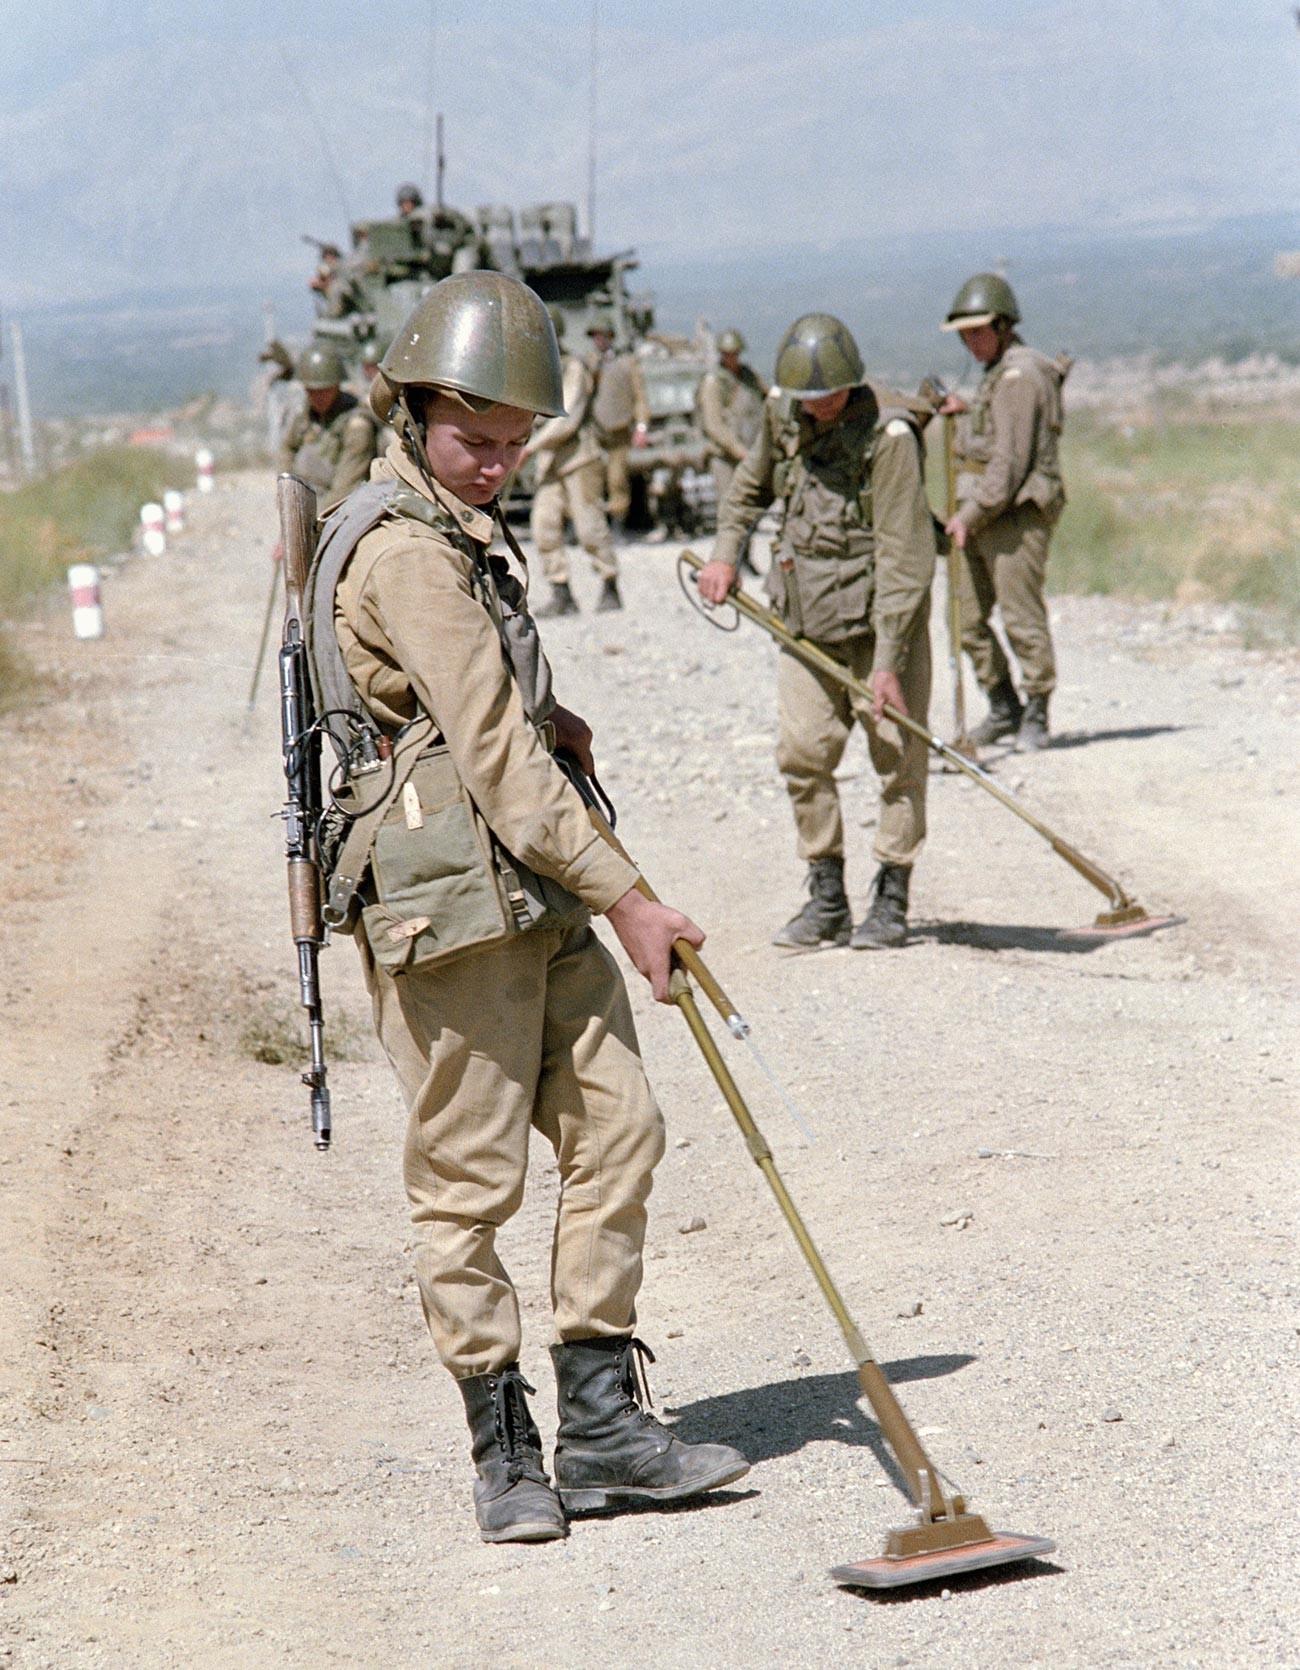 ソ連軍が地雷除去作業を行なっている